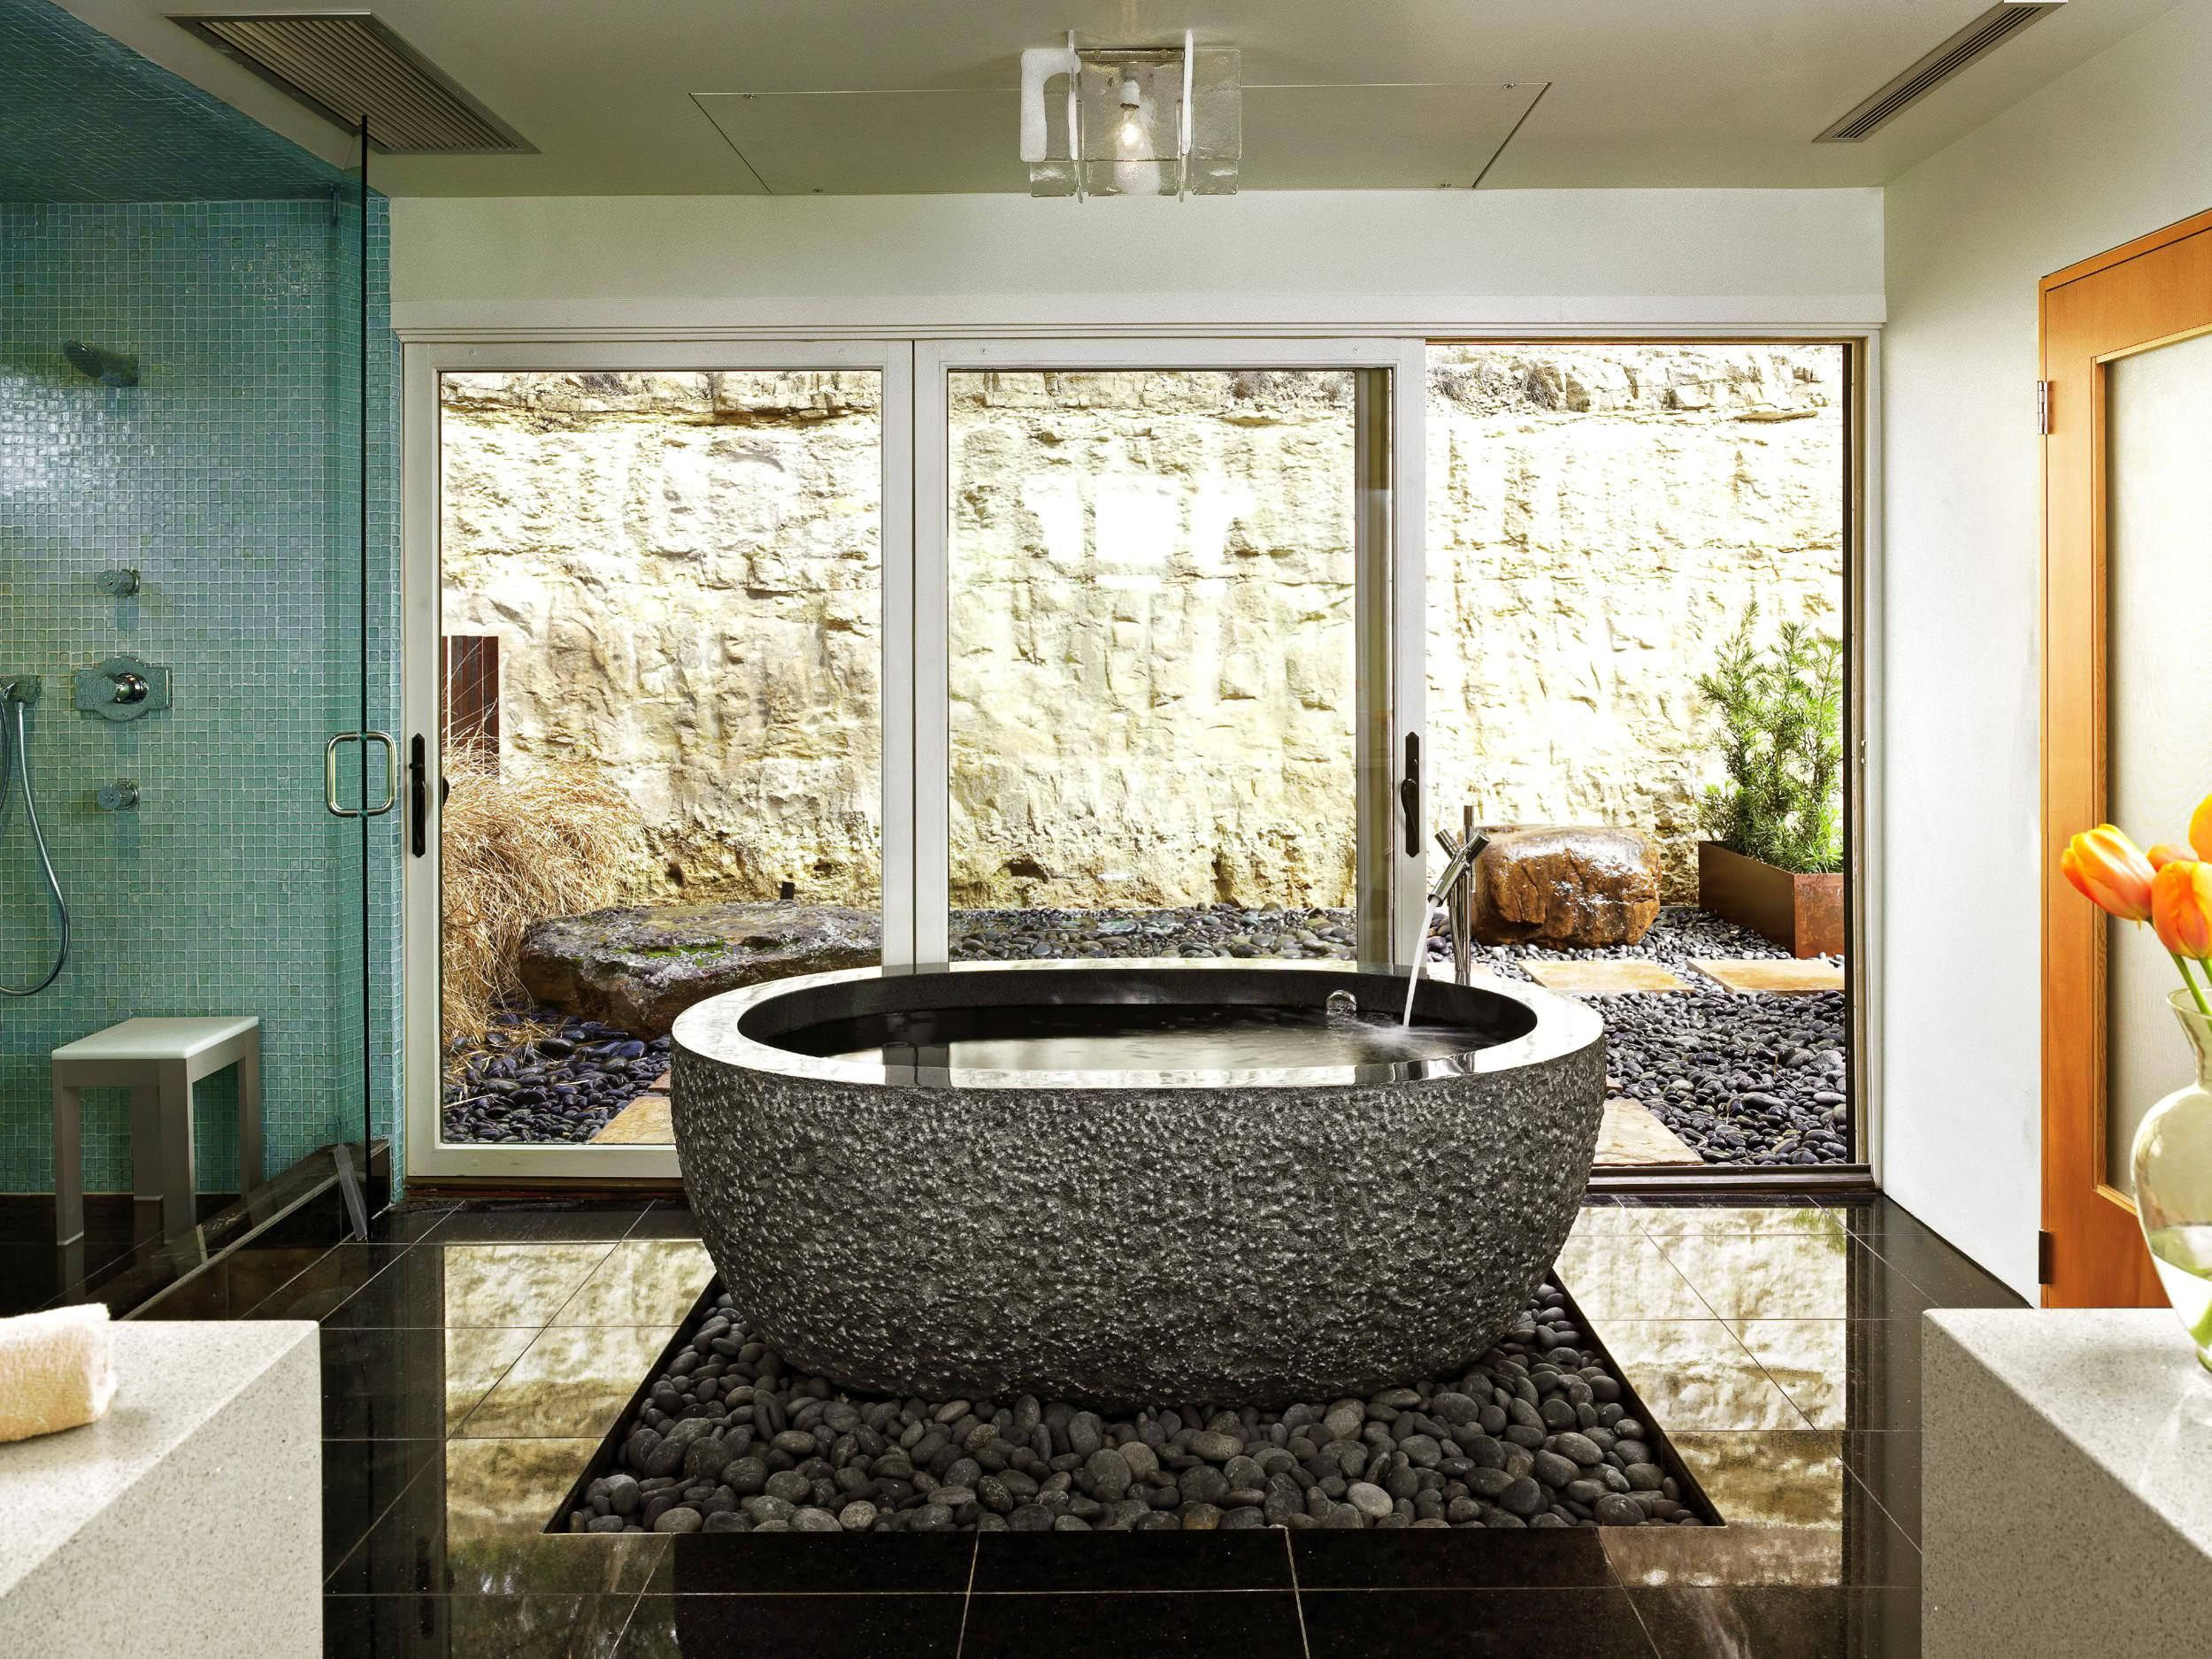 Ovalen Schwarzen Granit Badewanne Kupfer Pfanne Unter Der Wanne Interieur Glas Trennwand Einzigartige Mit Bildern Traumhafte Badezimmer Badewanne Aus Stein Zen Badezimmer